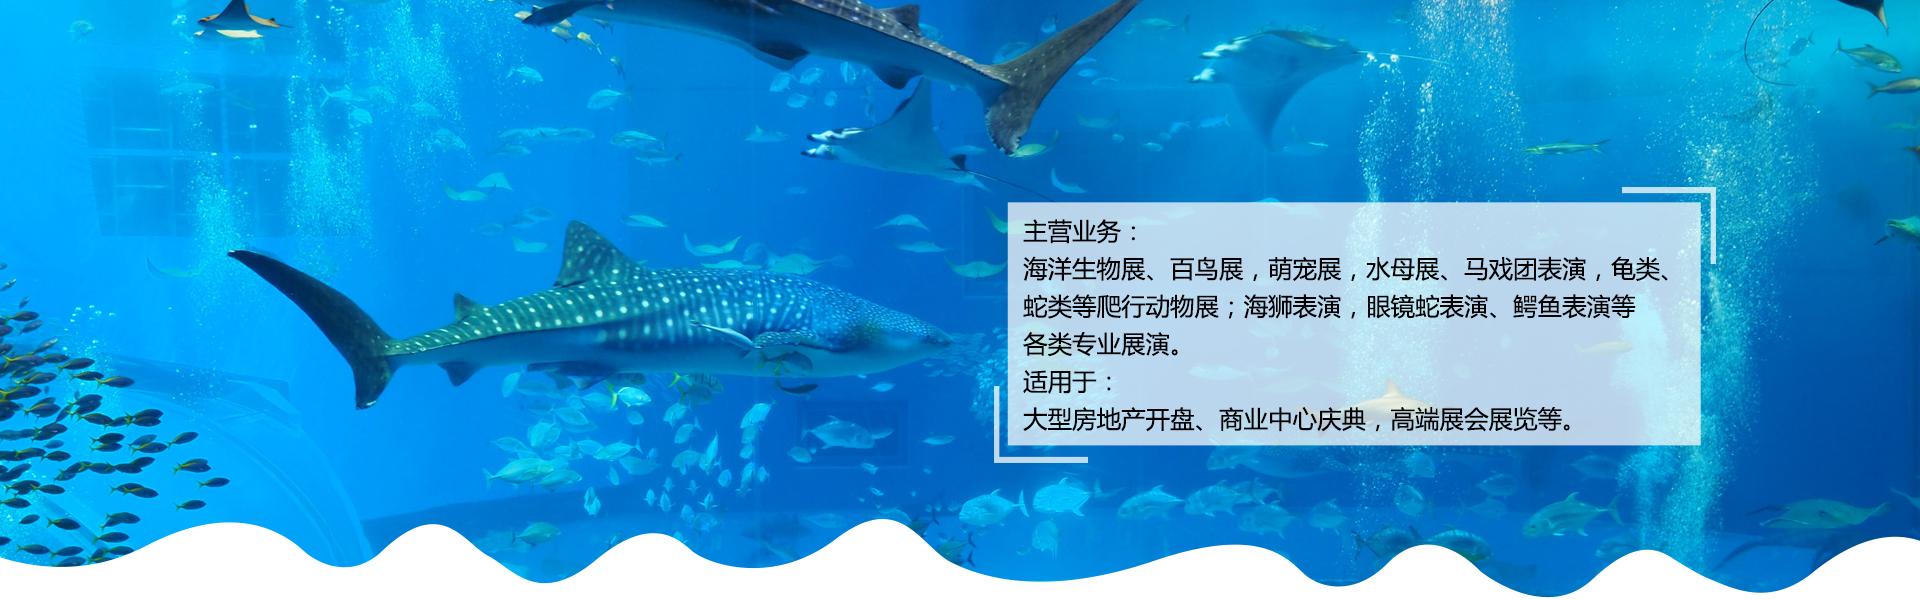 海洋生物展